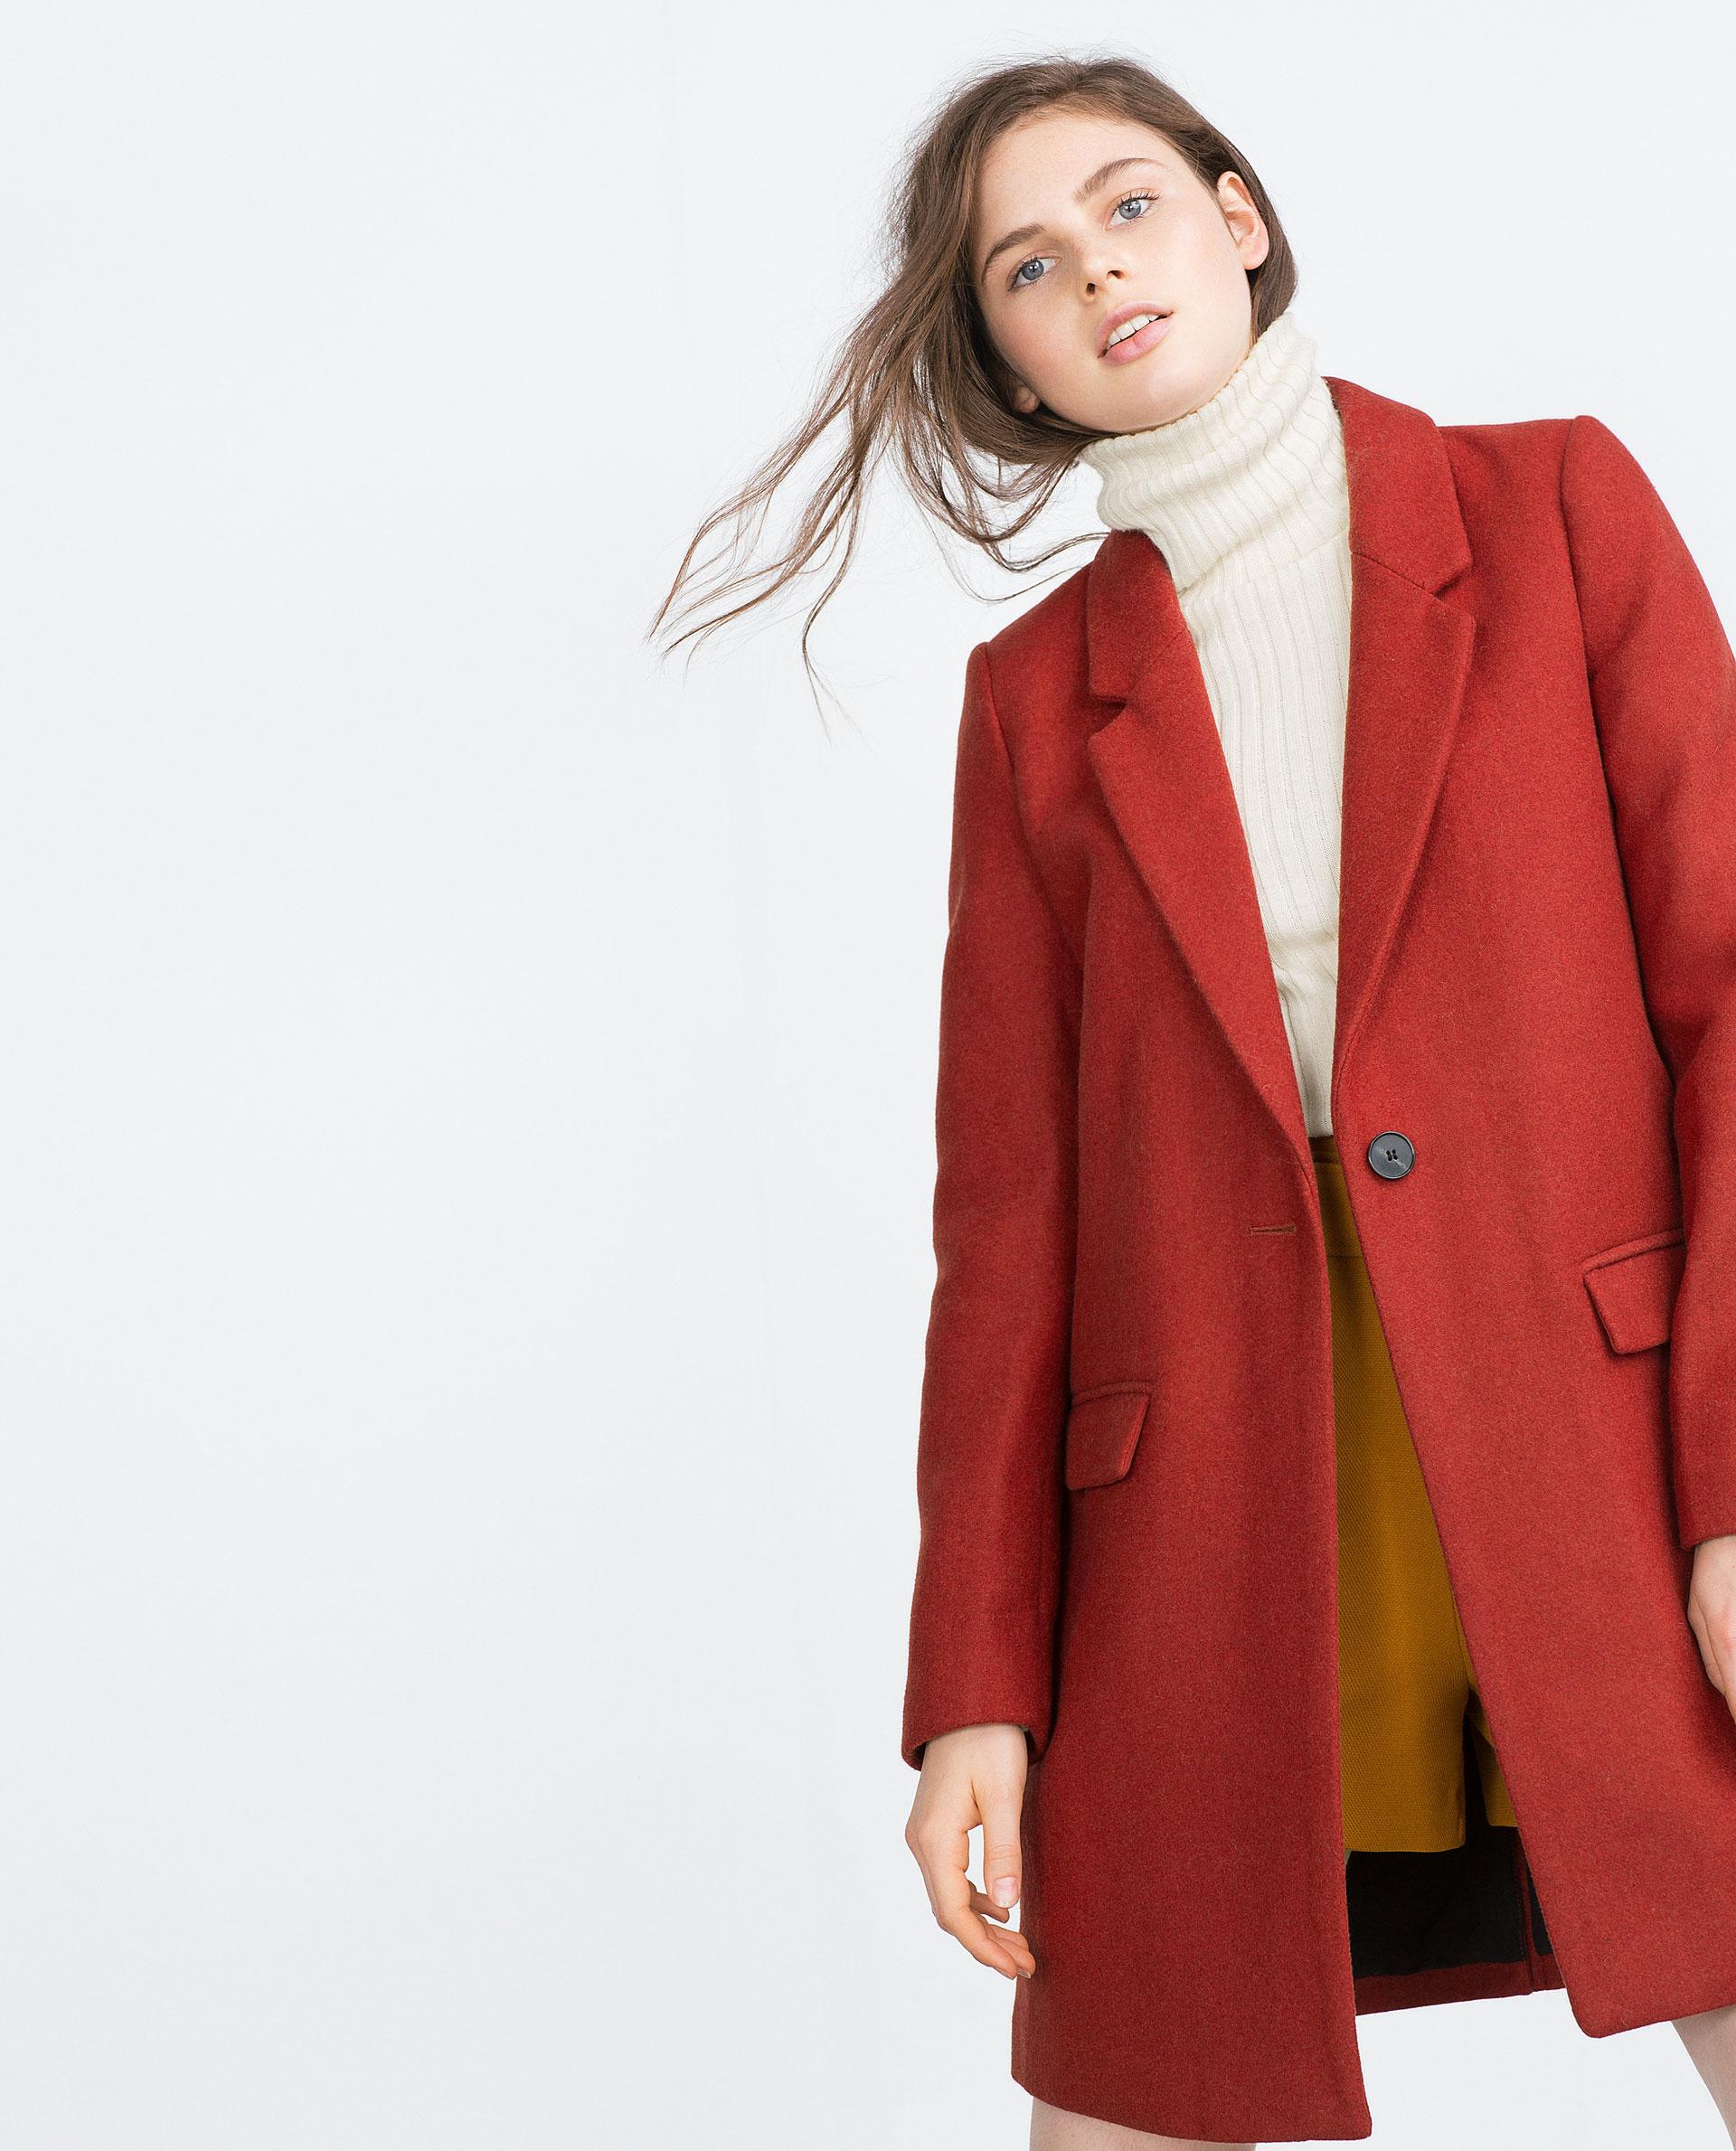 Zara Masculine Coat In Red Terracotta Lyst